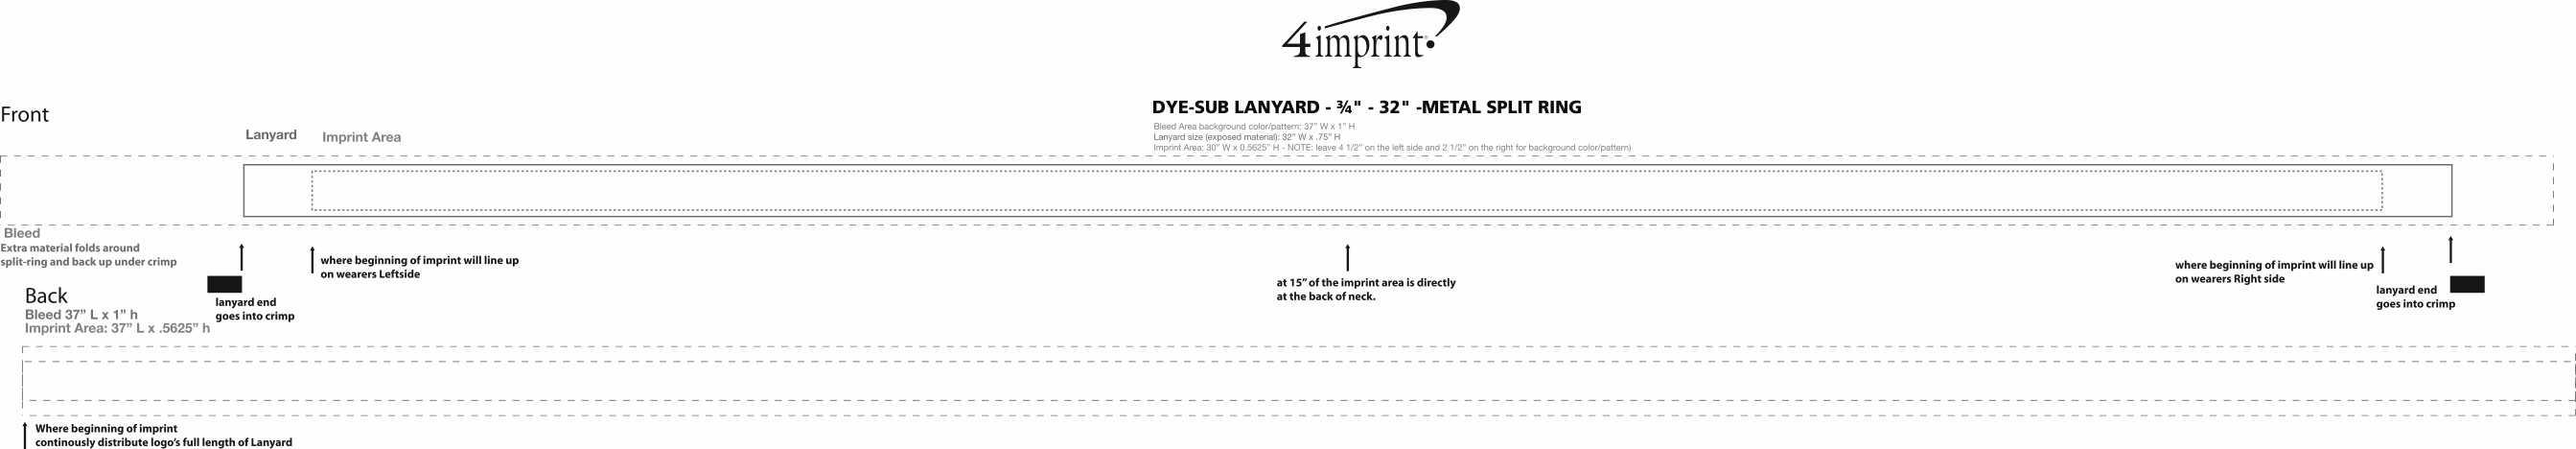 """Imprint Area of Dye-Sub Lanyard - 3/4"""" - 32"""" - Metal Split Ring"""